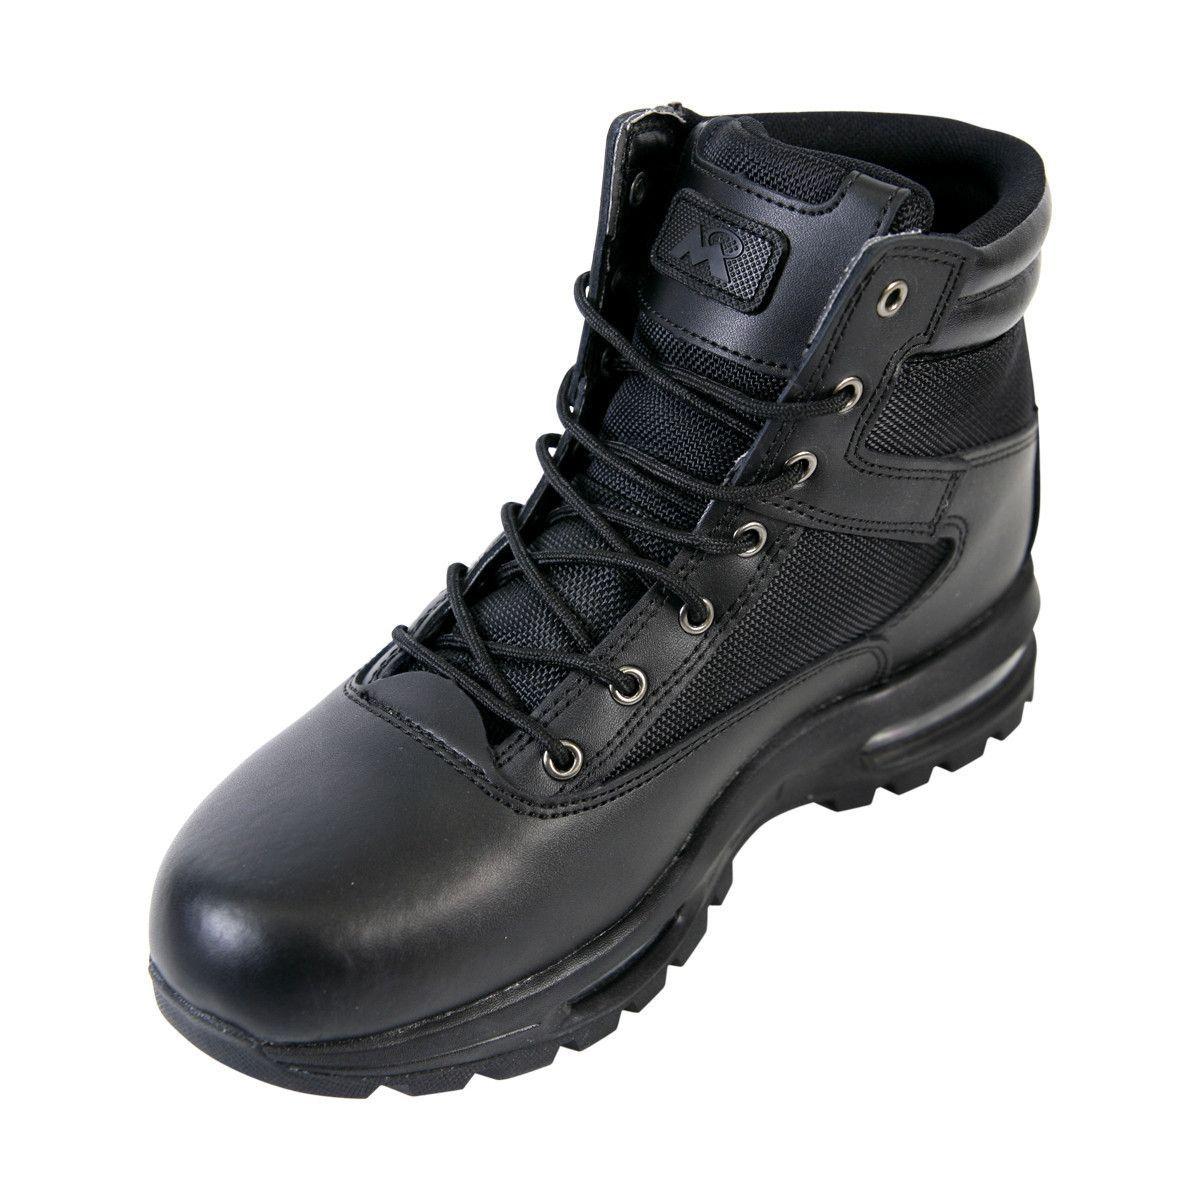 Mountain Gear - Men's Crosby Boots - Black